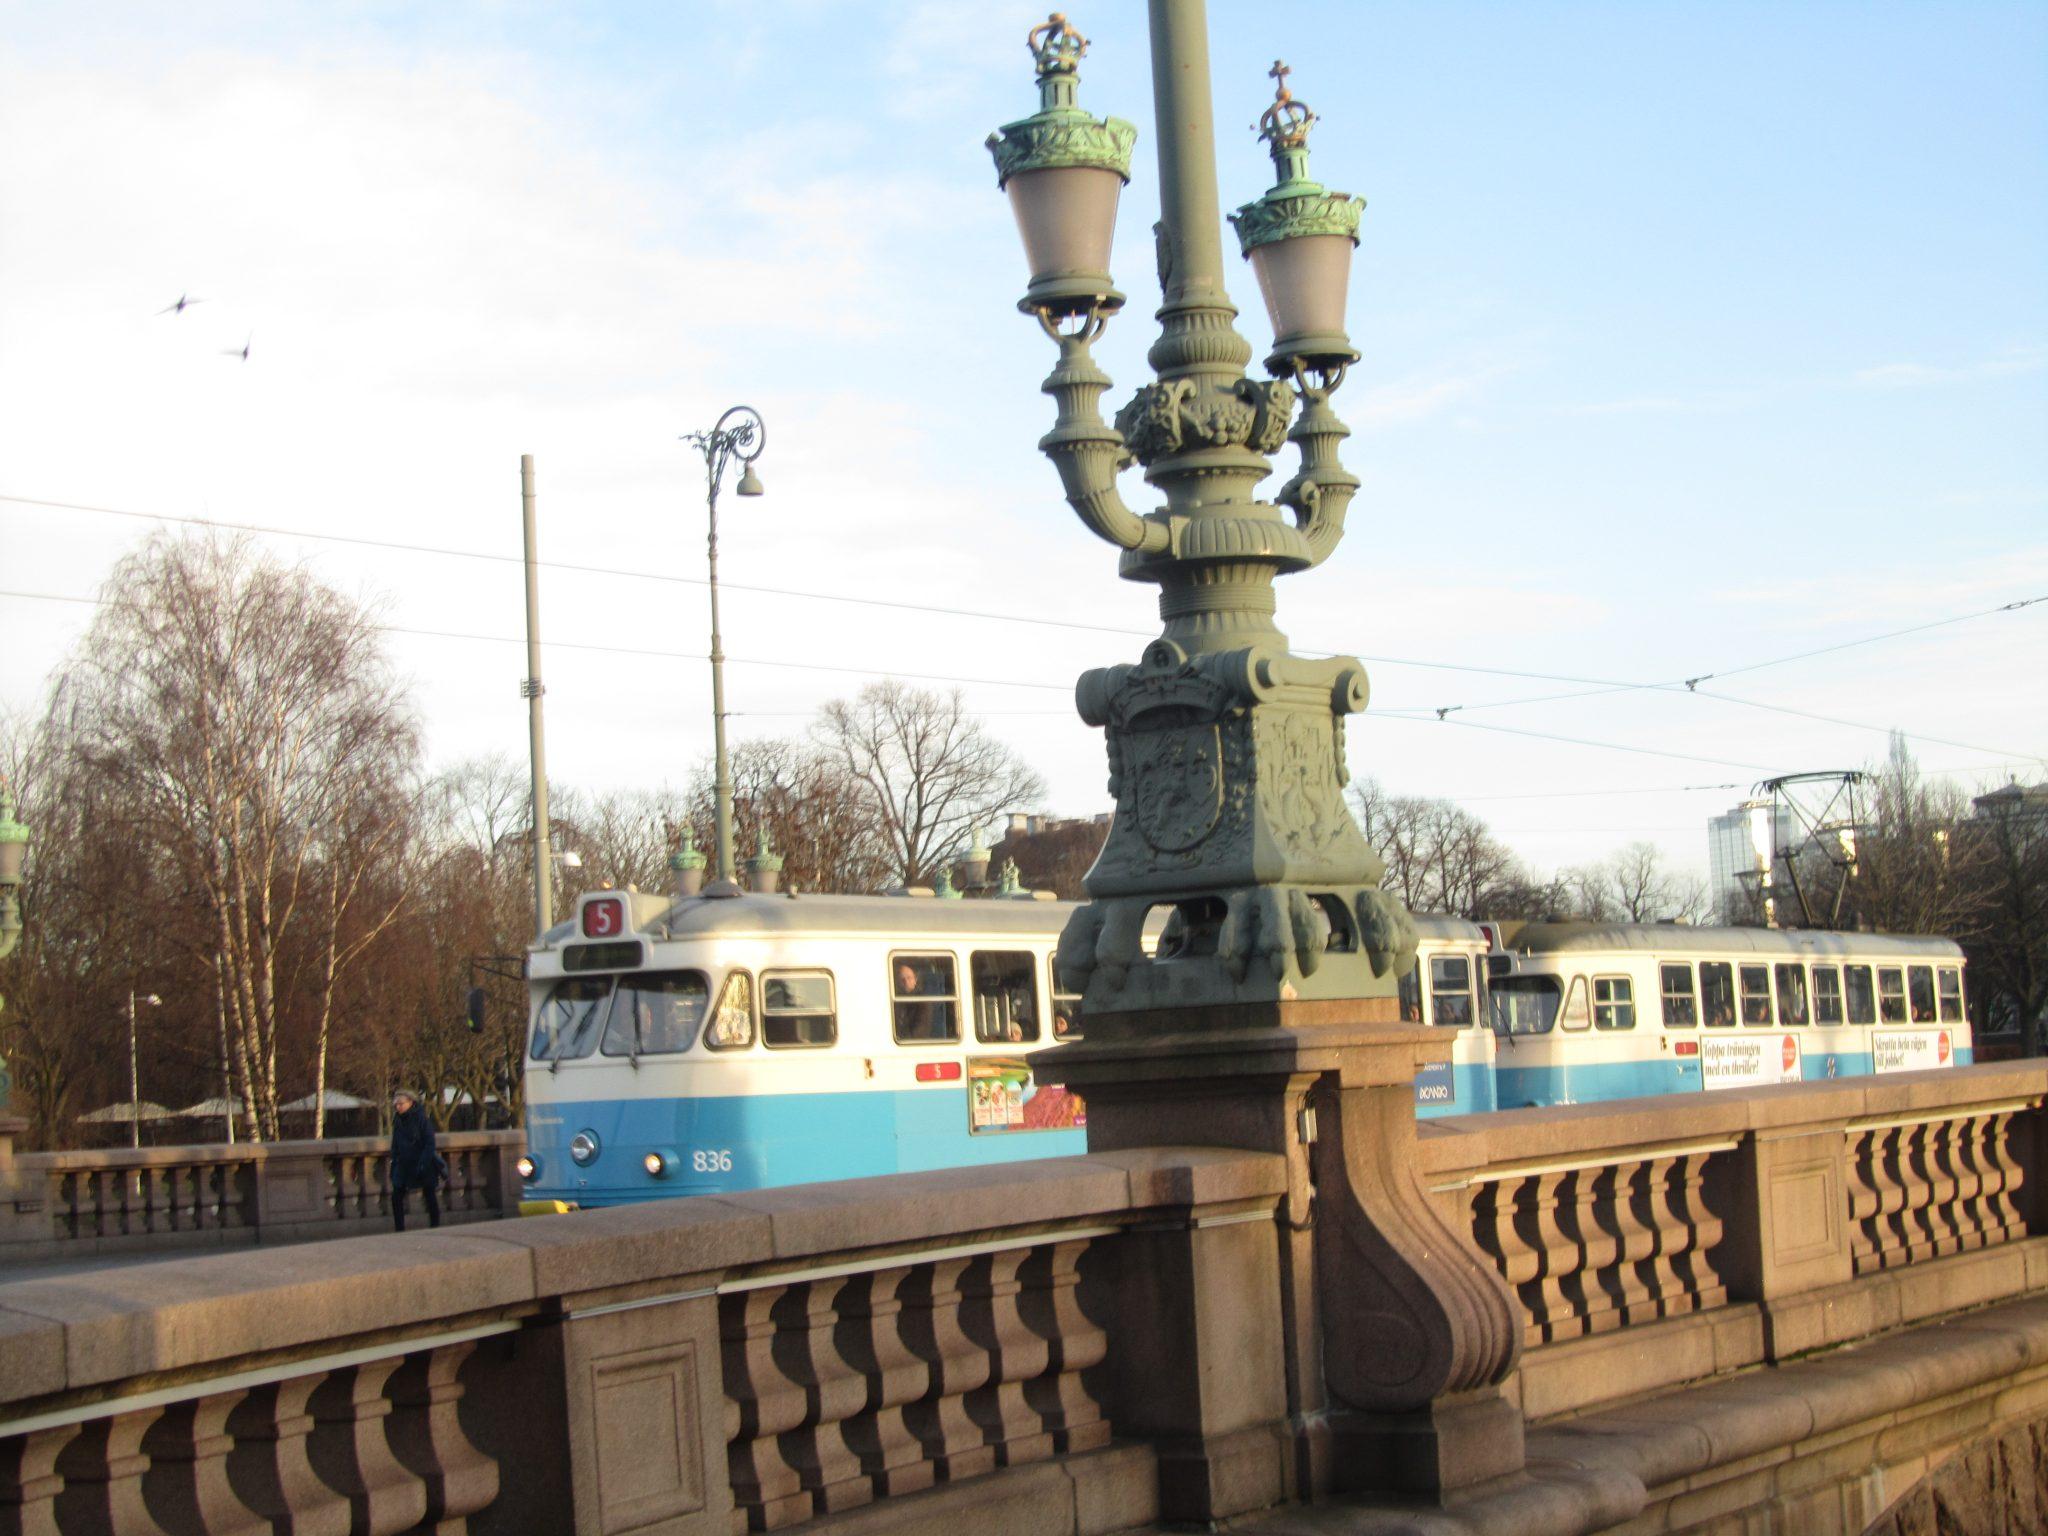 Tram on a bridge in Gothenburg